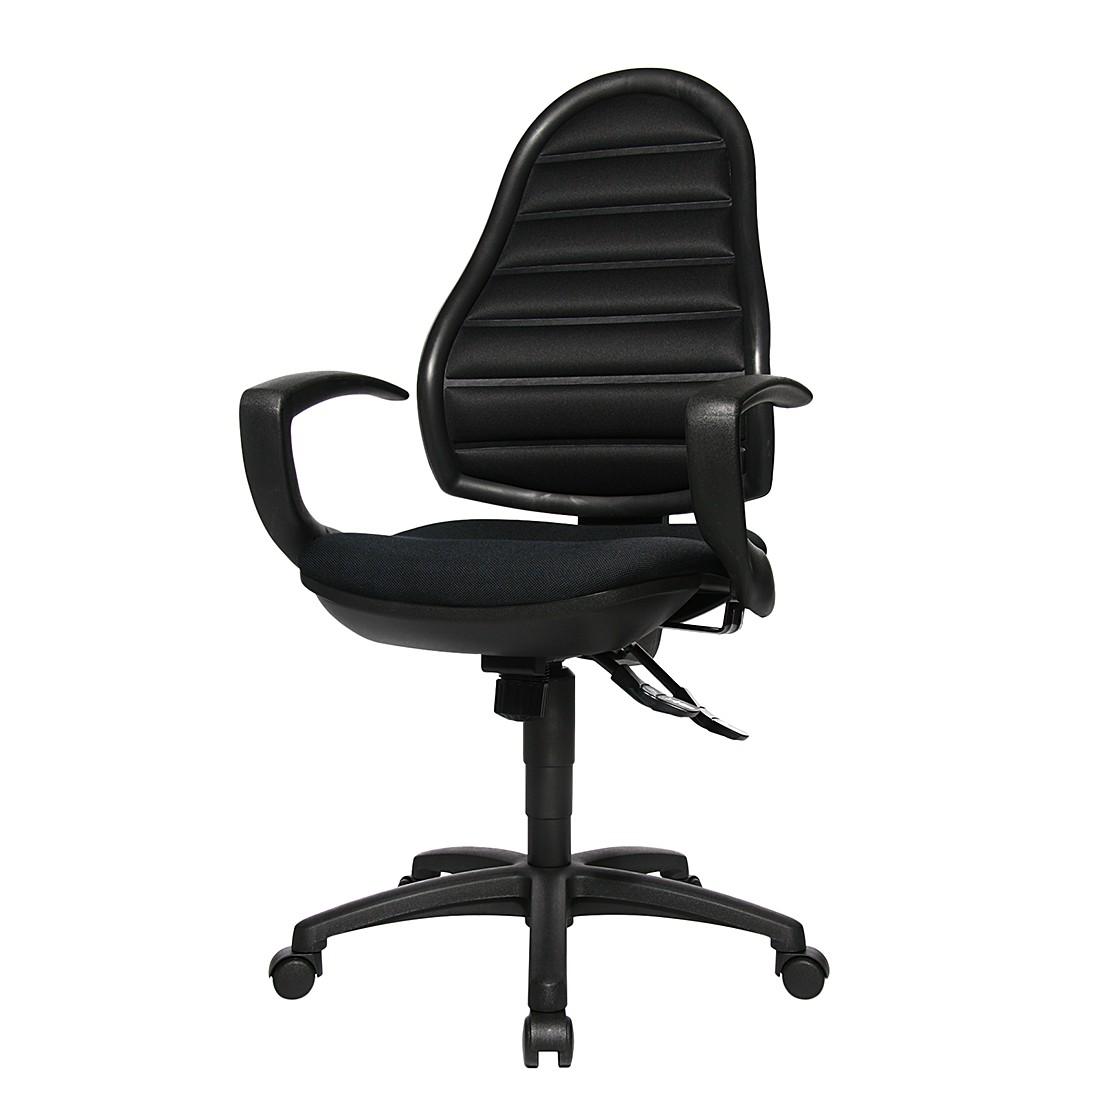 Bürodrehstuhl Flex Point - Mit Armlehnen, Topstar